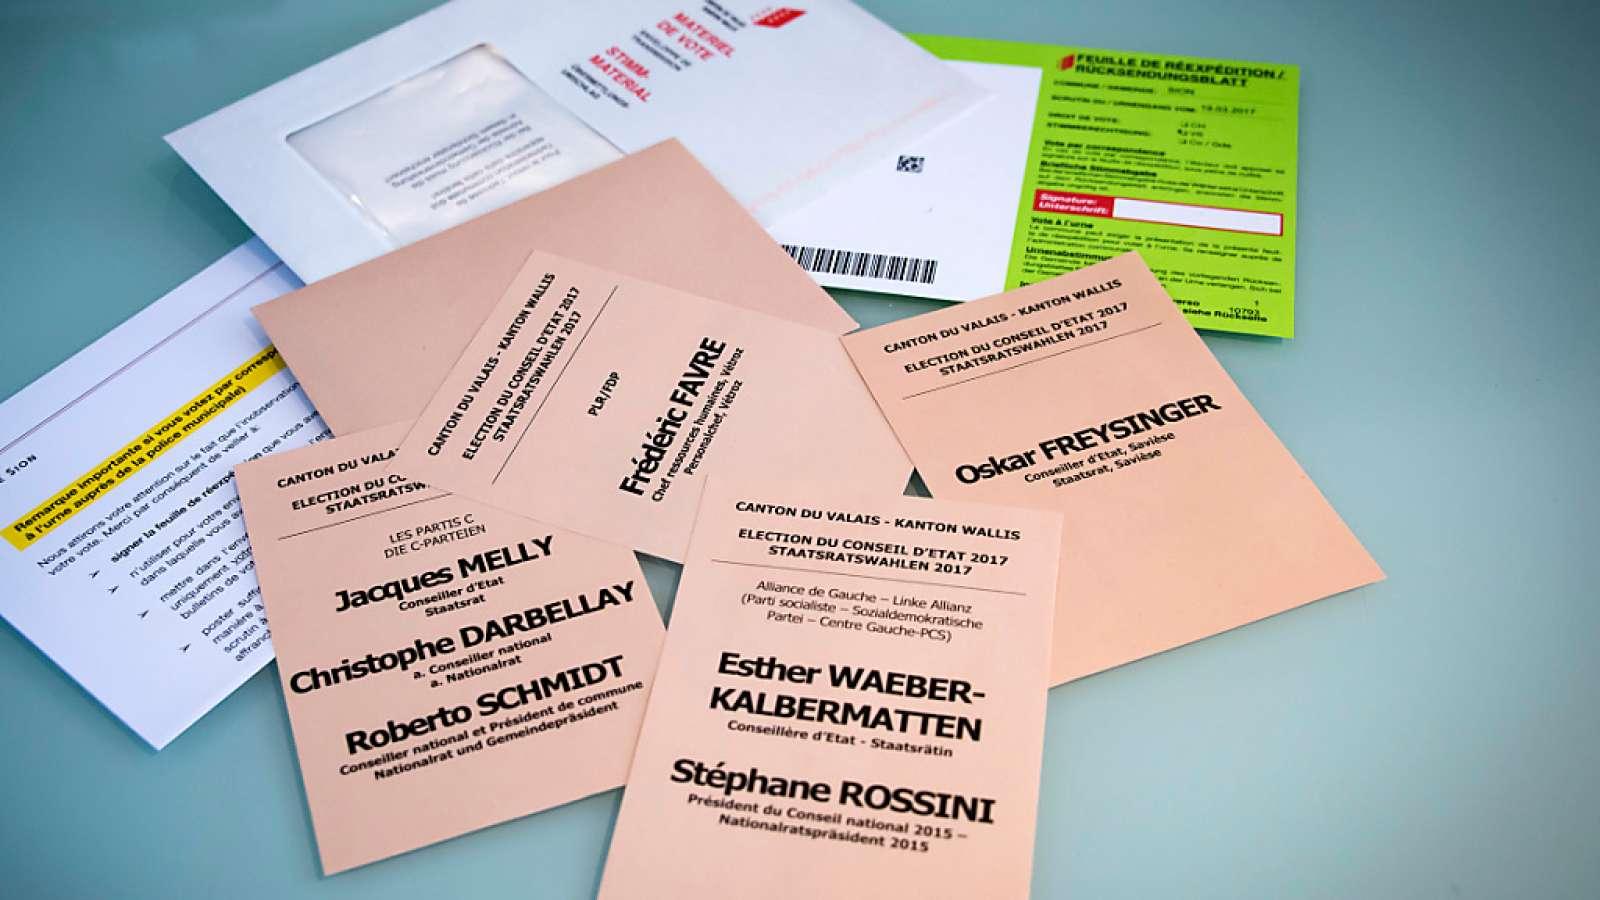 Unterlagen für die Wahlen im Wallis: Der Urnengang und die Ermittlungen wegen Manipulation machen Schlagzeilen in den Sonntagszeitungen. (Archivbild)